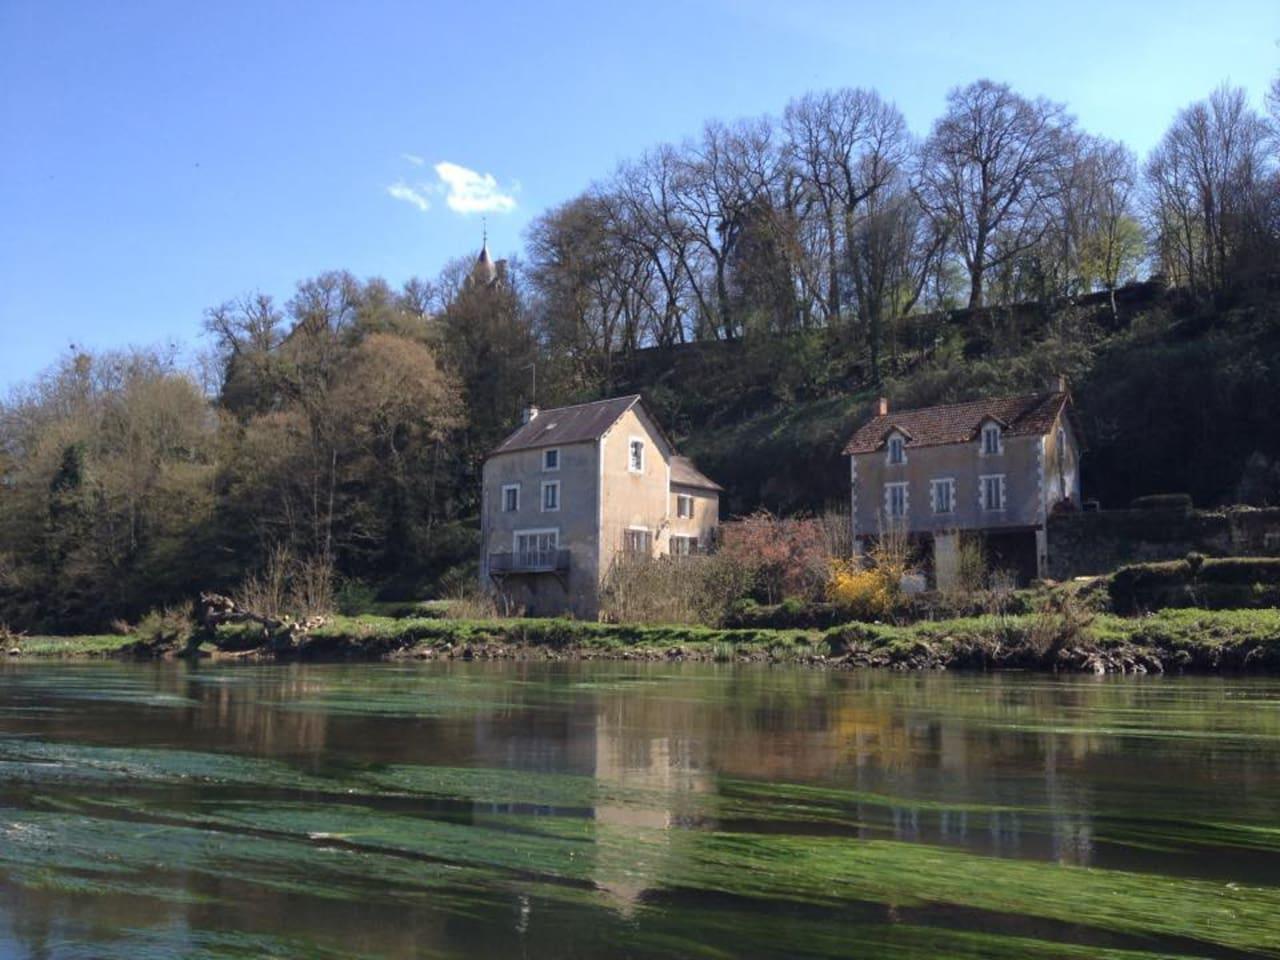 Ancien Moulin vue sur la riviere (la creuse)